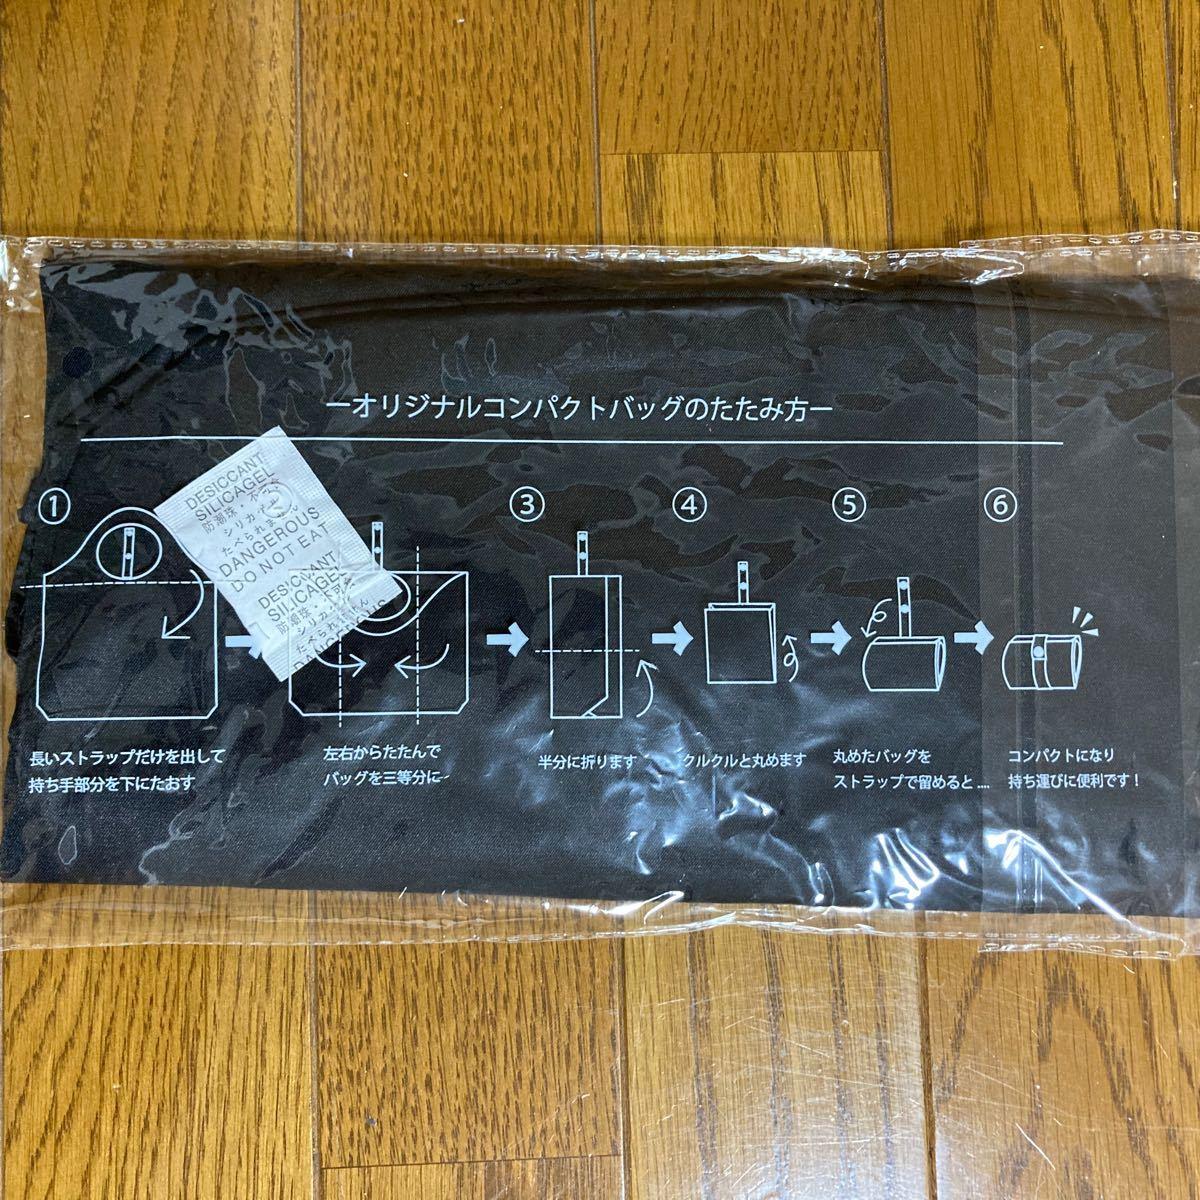 三越伊勢丹 エコバッグ オリジナルコンパクトバッグ ブラック 黒 イセタン 新品